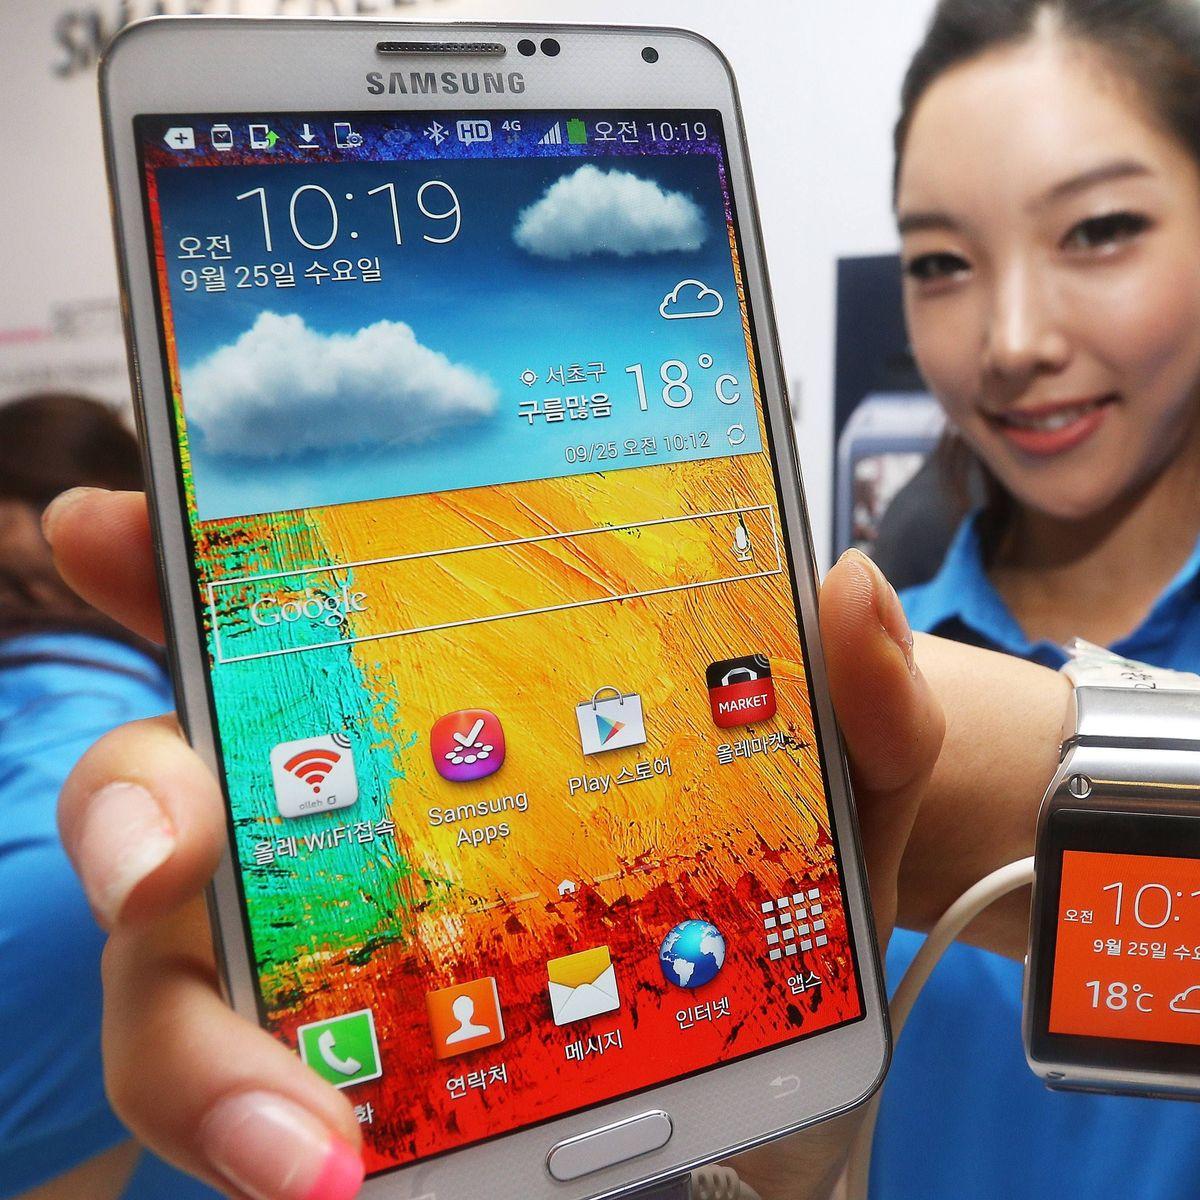 Regionalsperre Samsung Fuhrt Bei Aktuellen Handys Sim Lock Ein